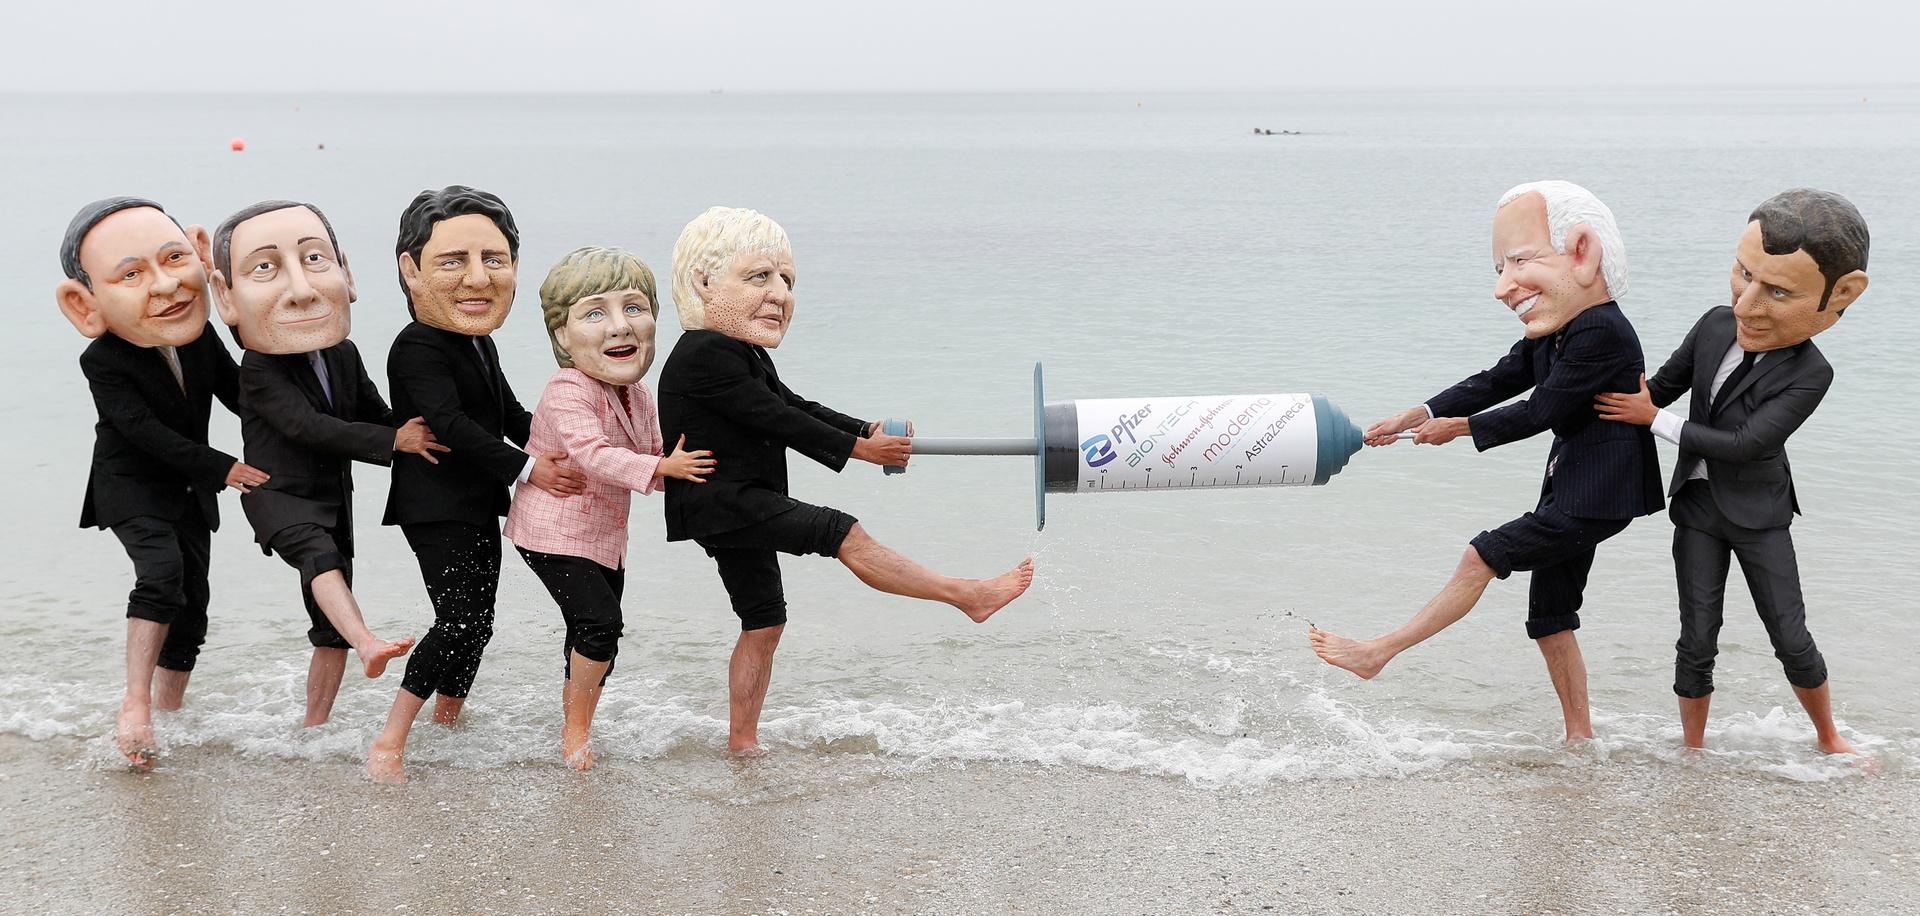 انطلاق أول قمة حضورية لـG7 منذ بداية الجائحة في بريطانيا